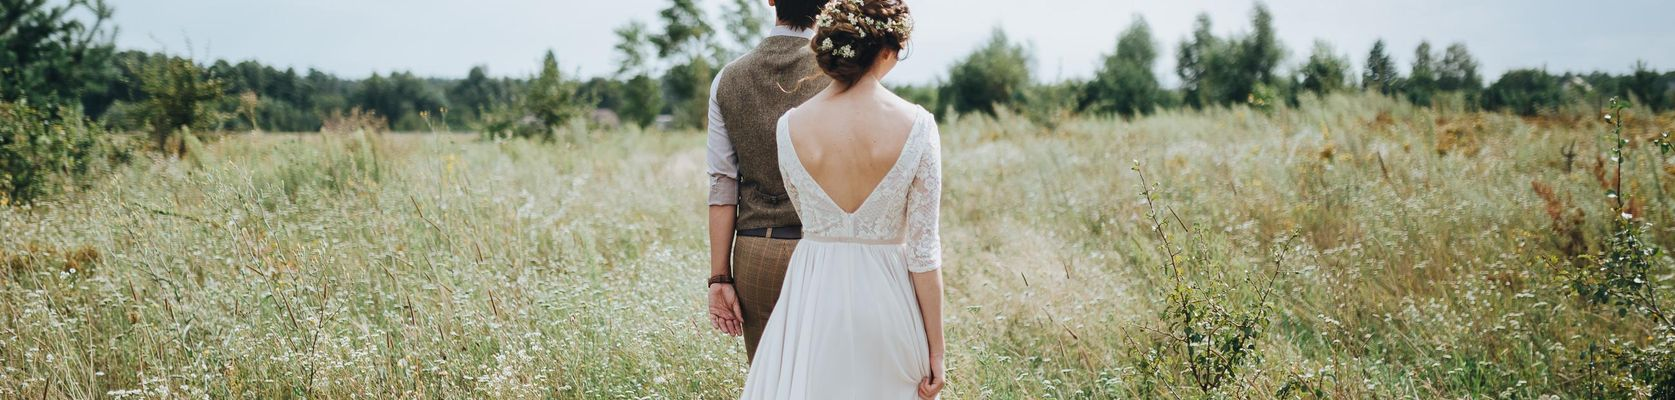 Deutschland, Hochzeit in Deutschland, Heiraten in Deutschlan